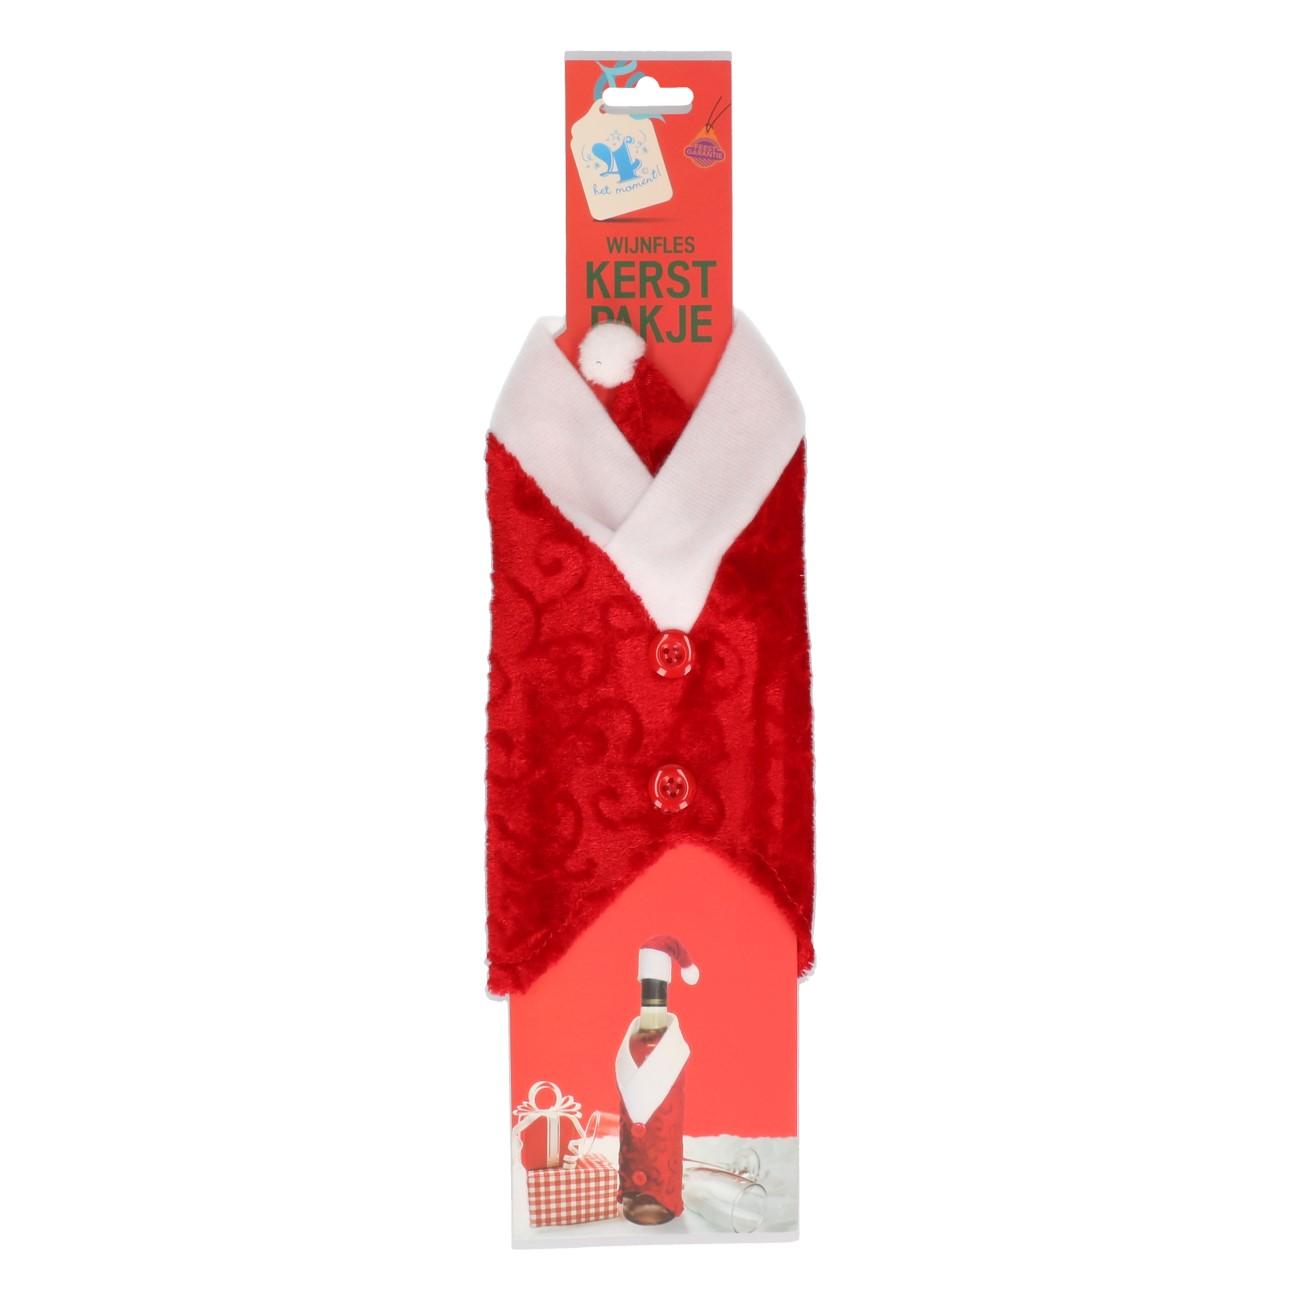 Wijnfles kerstpakje